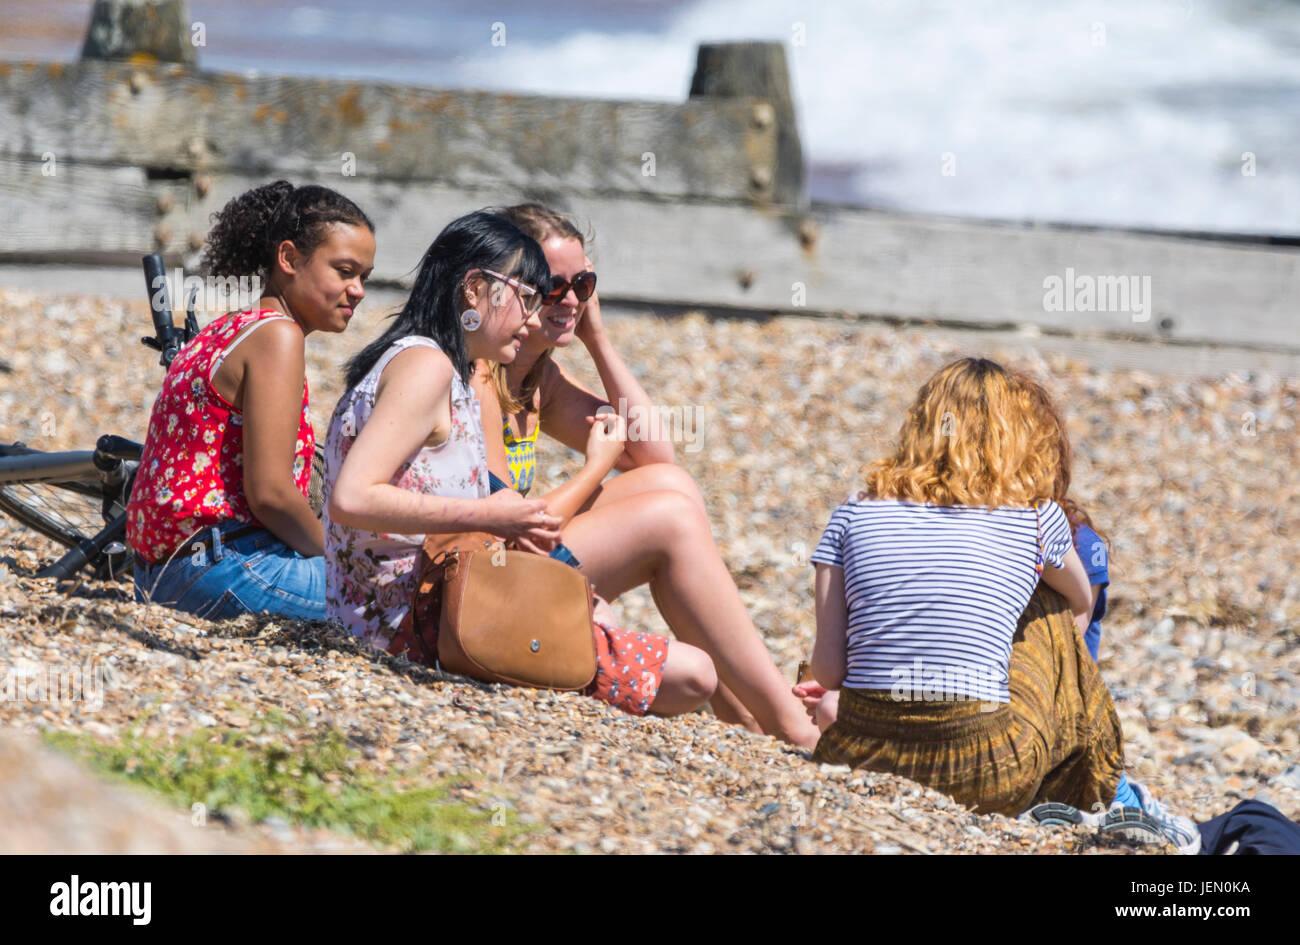 Un grupo de jóvenes de diferentes etnias sentado en una playa disfrutando juntos vistiendo caliente junto al Imagen De Stock